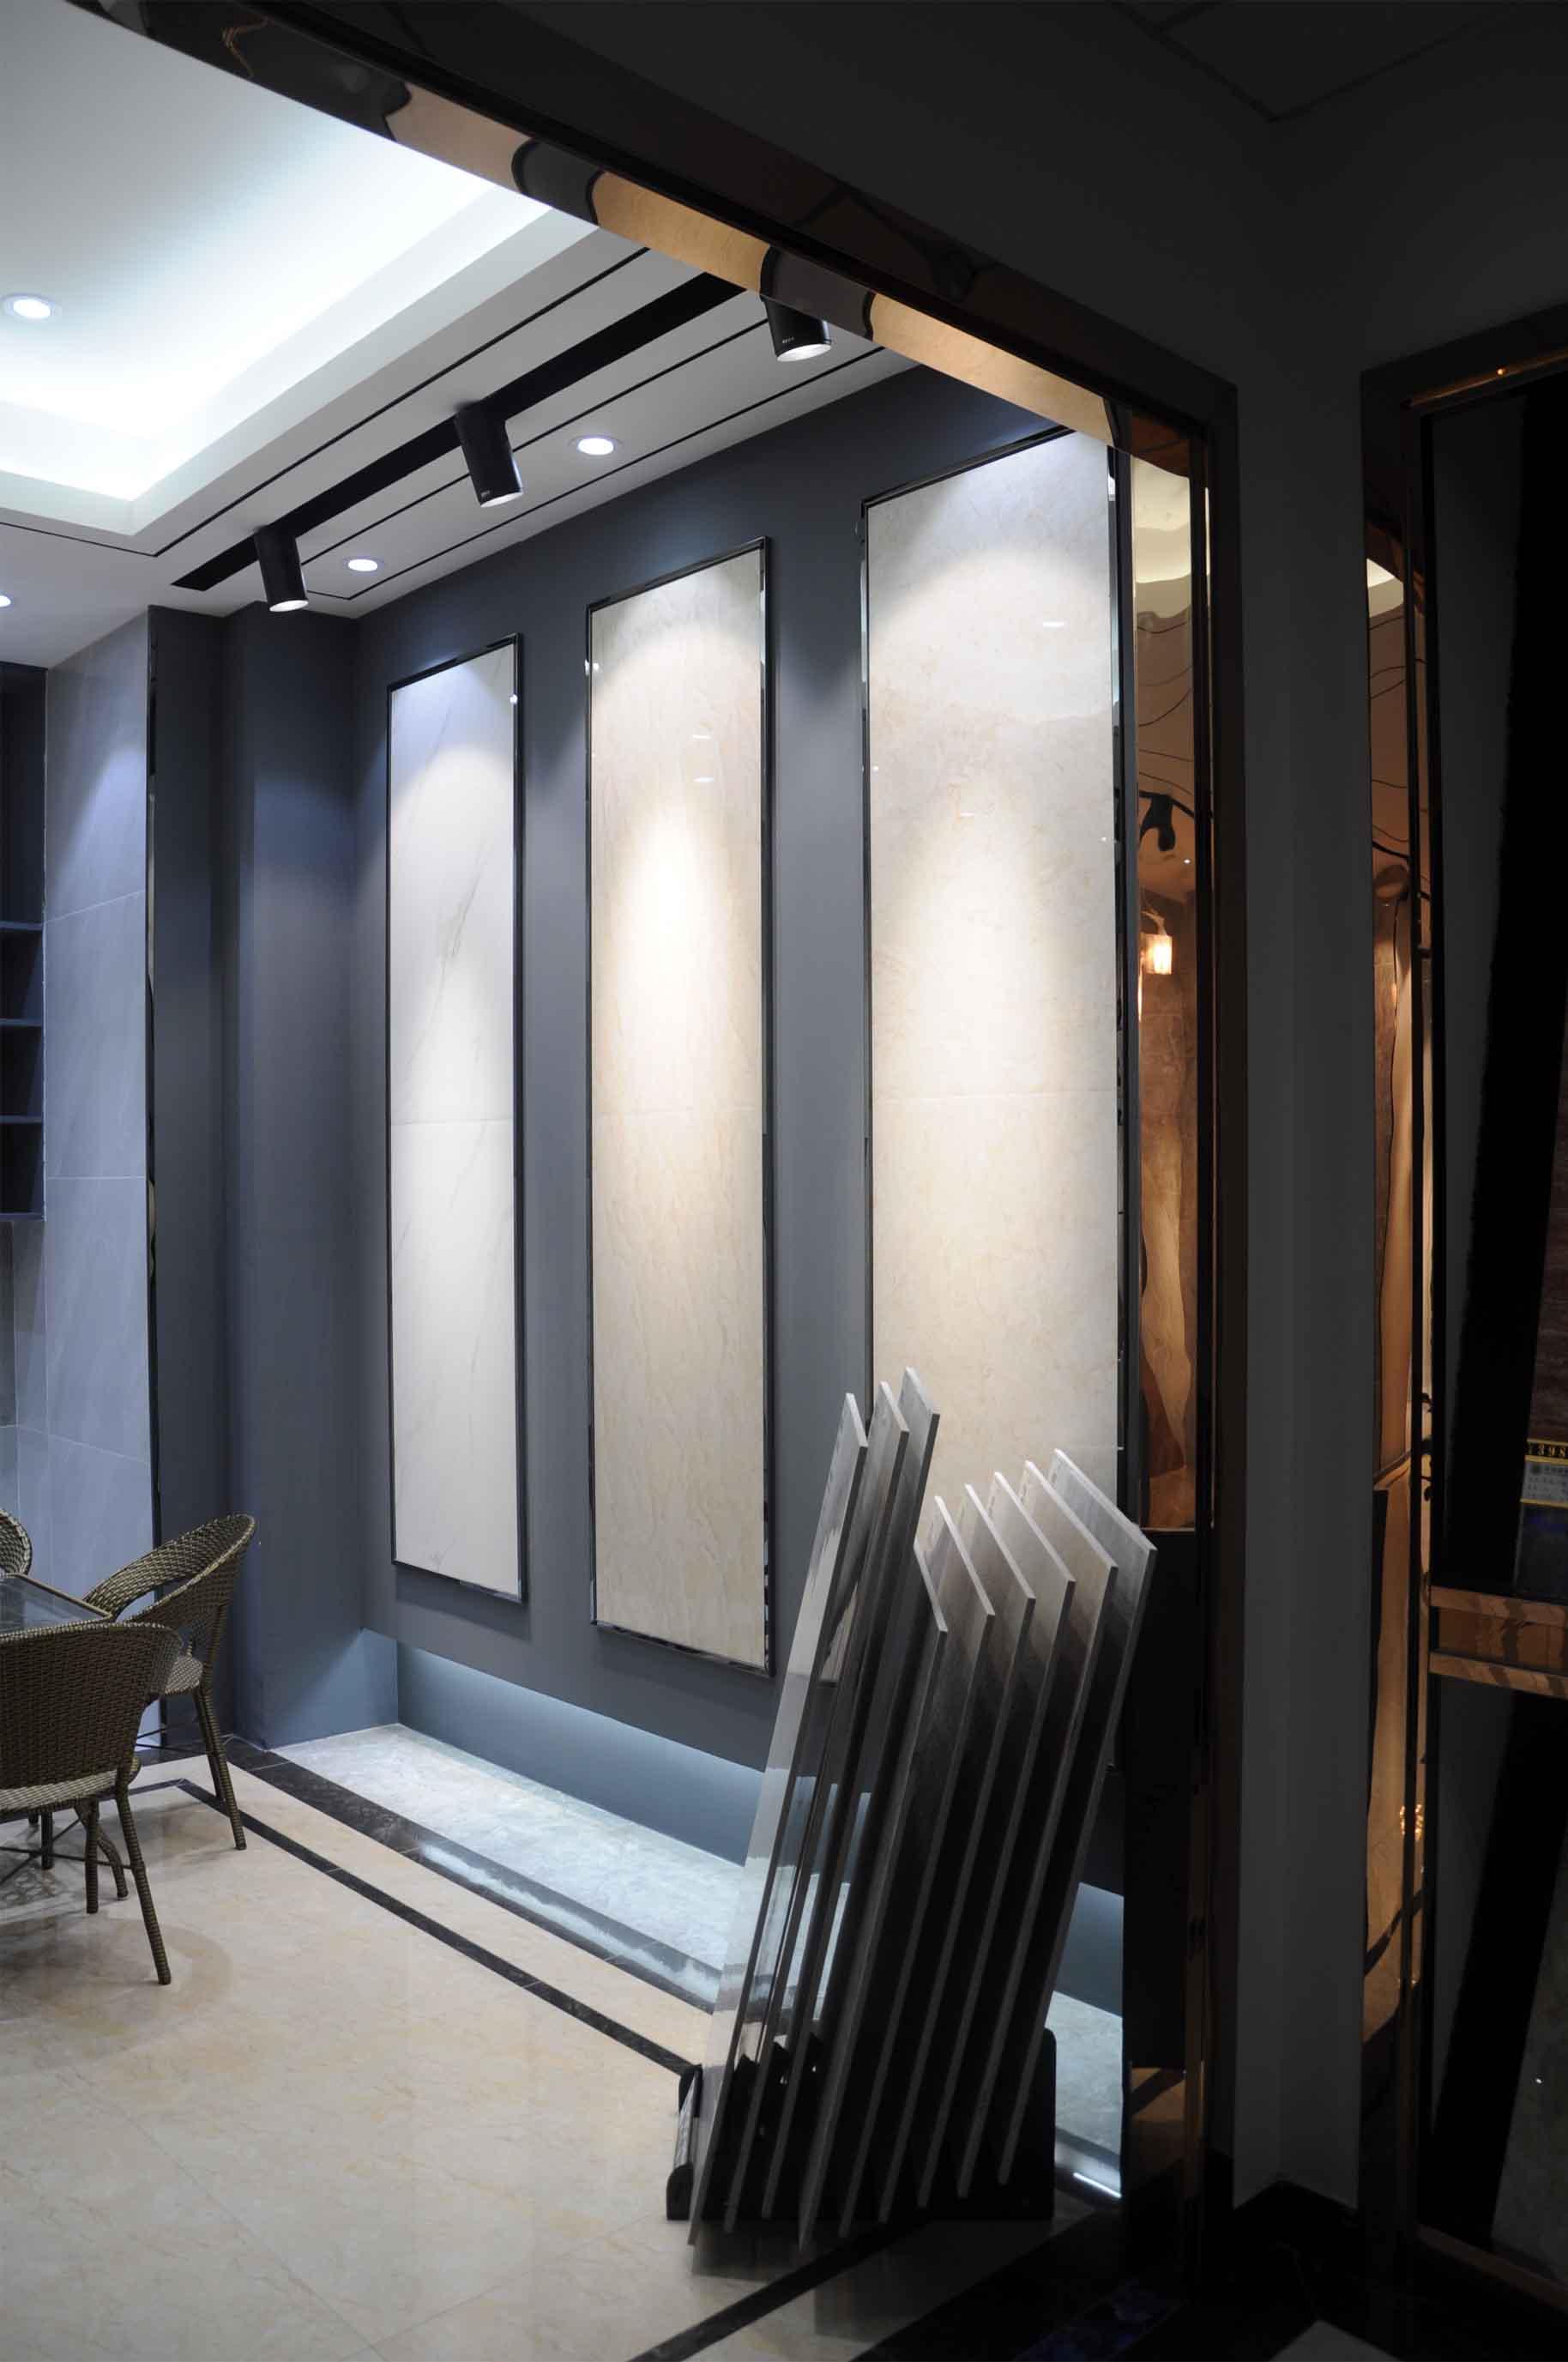 哪里可以买到实惠的300系列瓷砖-哈尔滨瓷砖批发